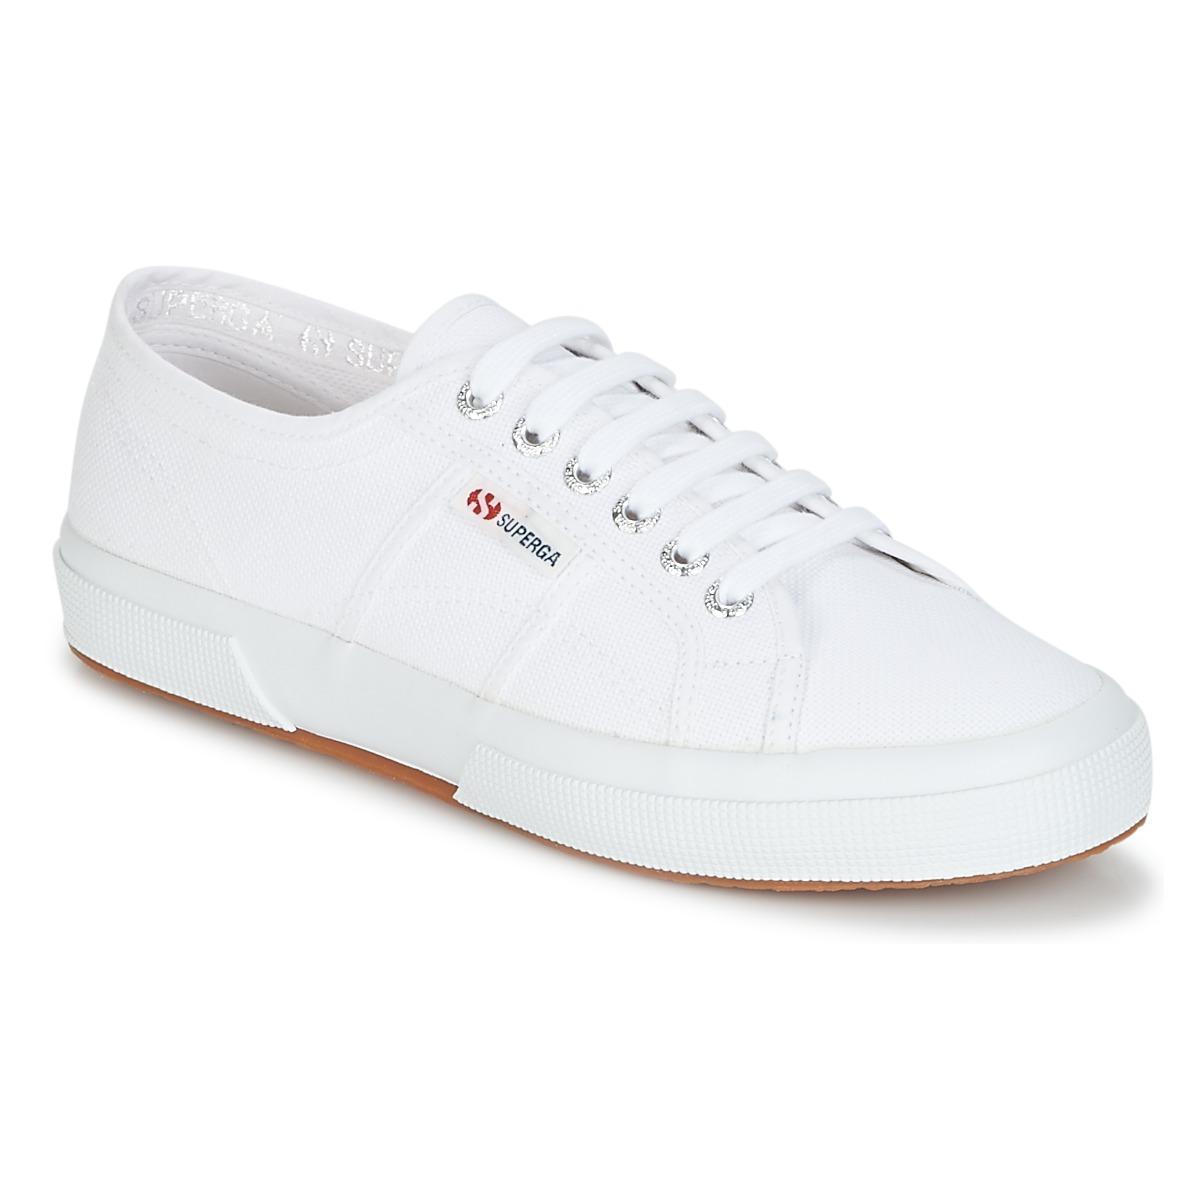 Superga 2750 CLASSIC Branco